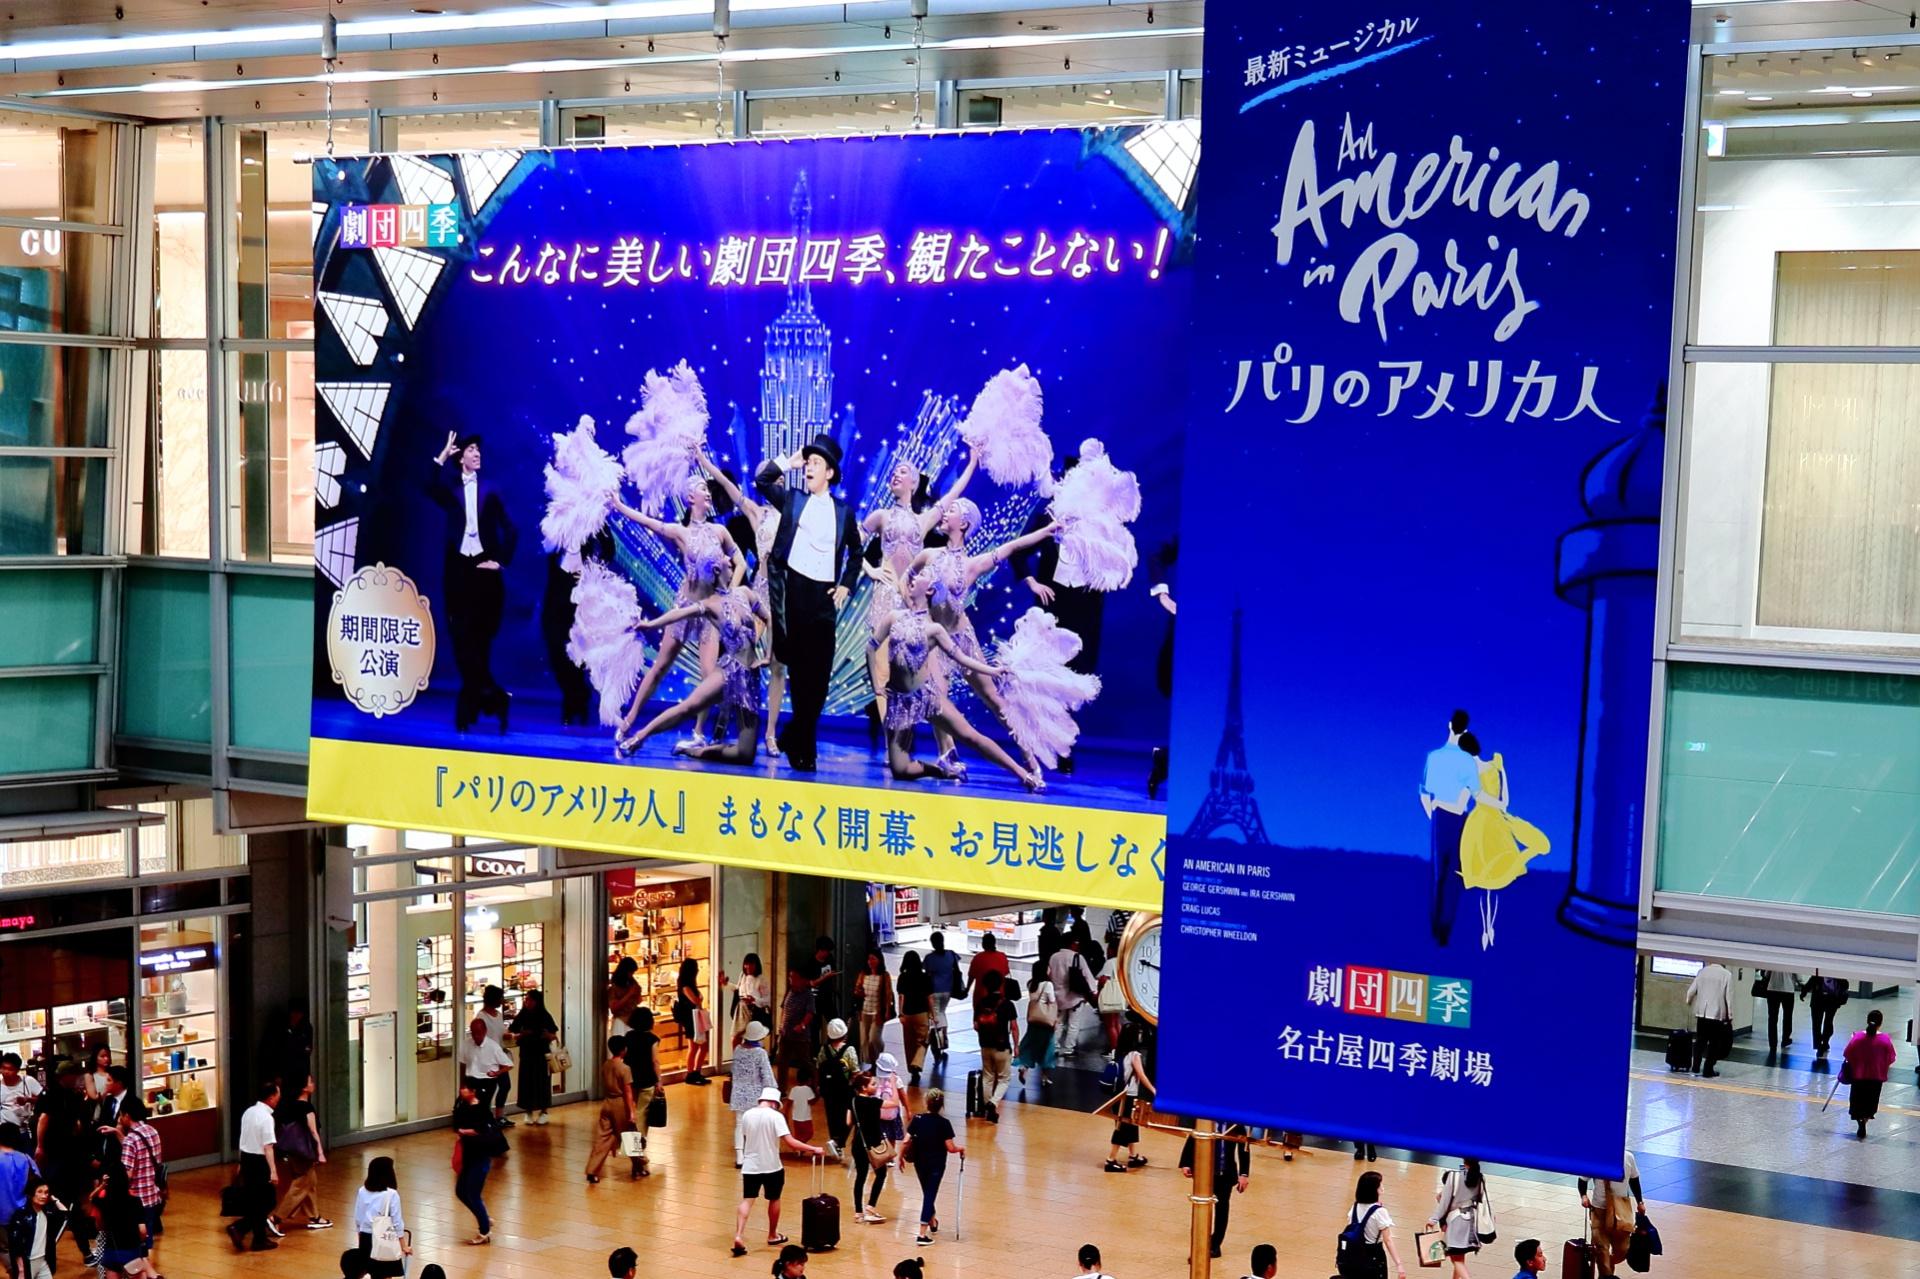 劇団四季「パリのアメリカ人」名古屋公演 2019/09/01~2020/01/05